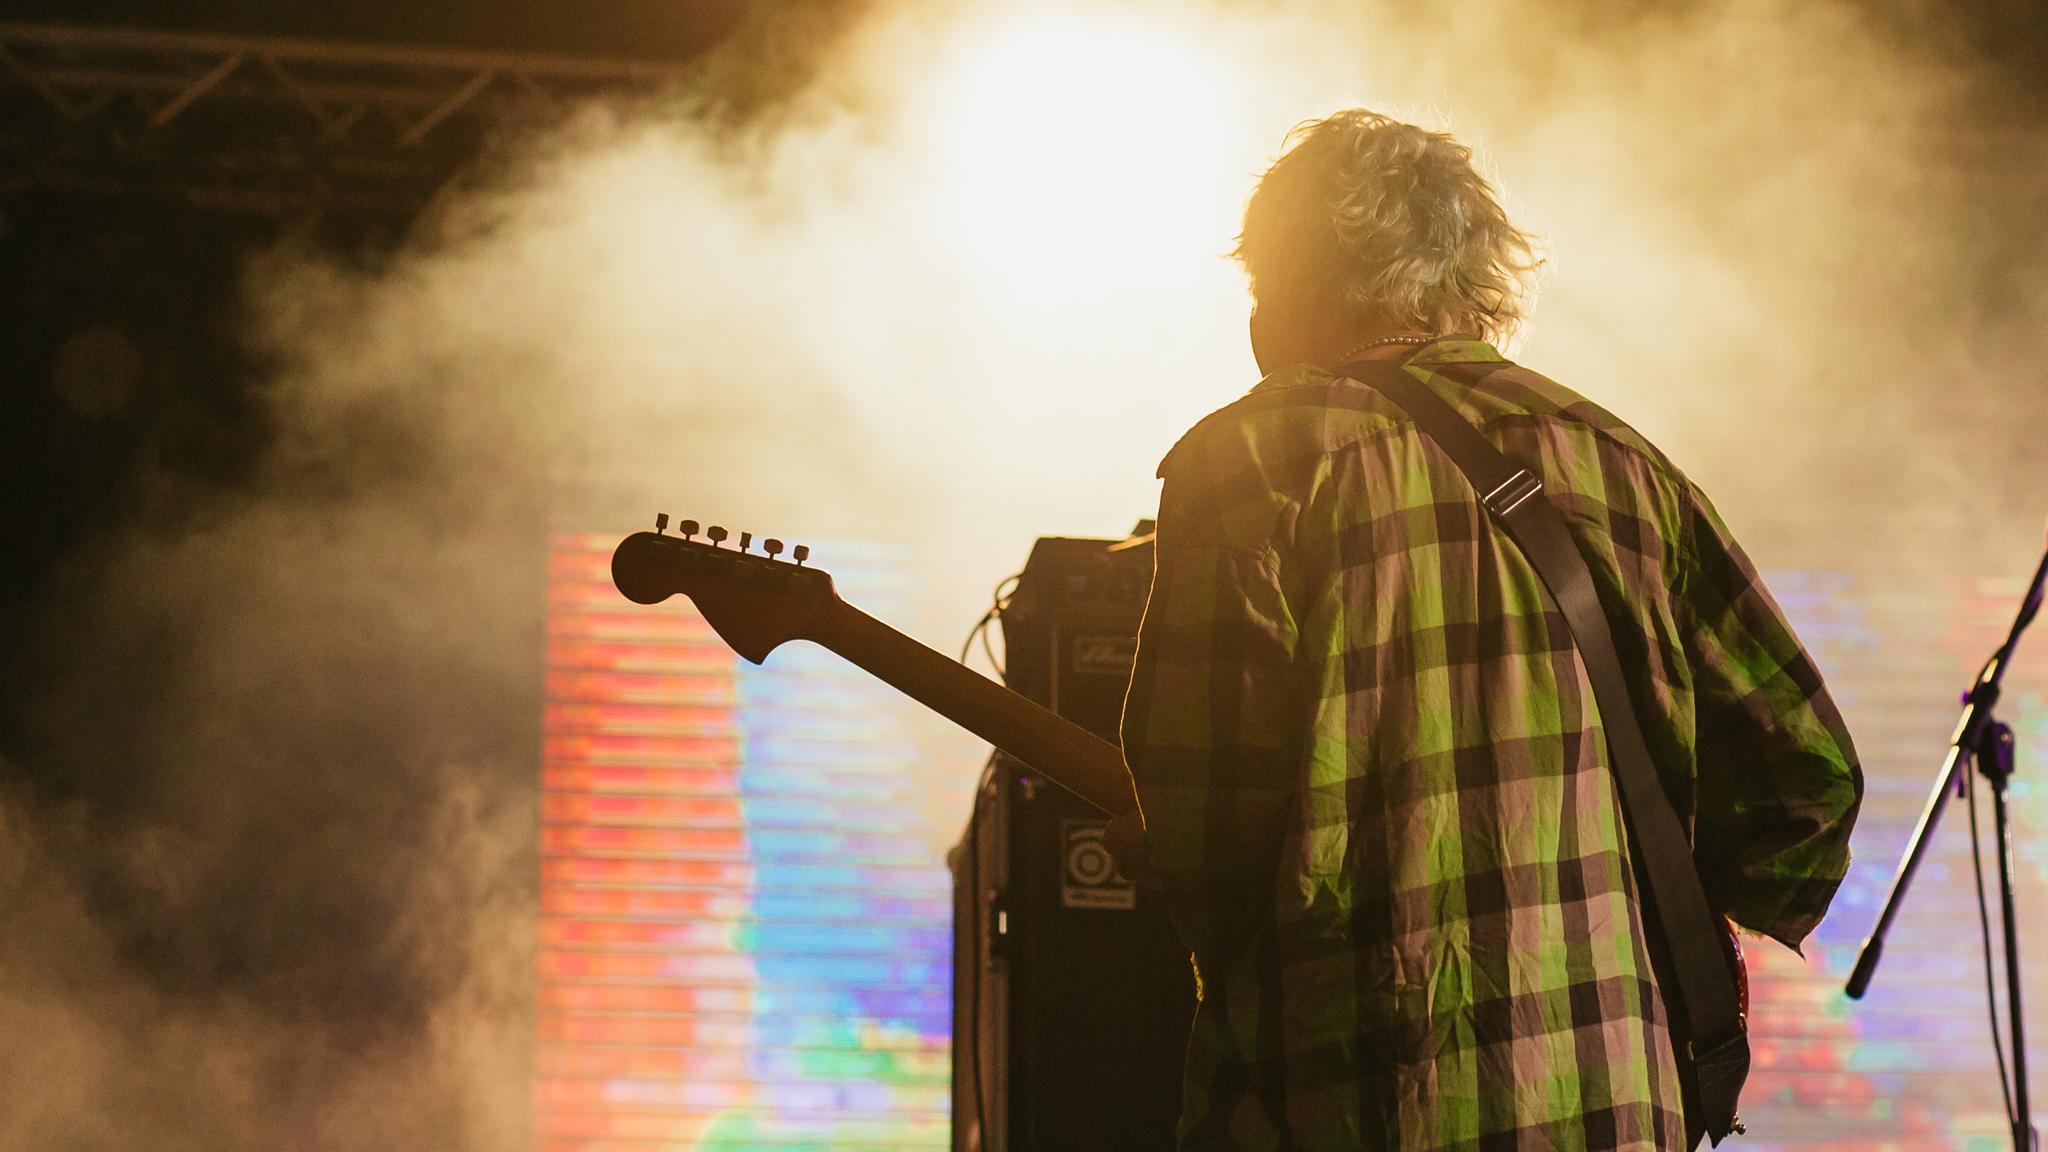 Mitch Lowe Photo - Gizzfest 2016 - Pond-5658.jpg